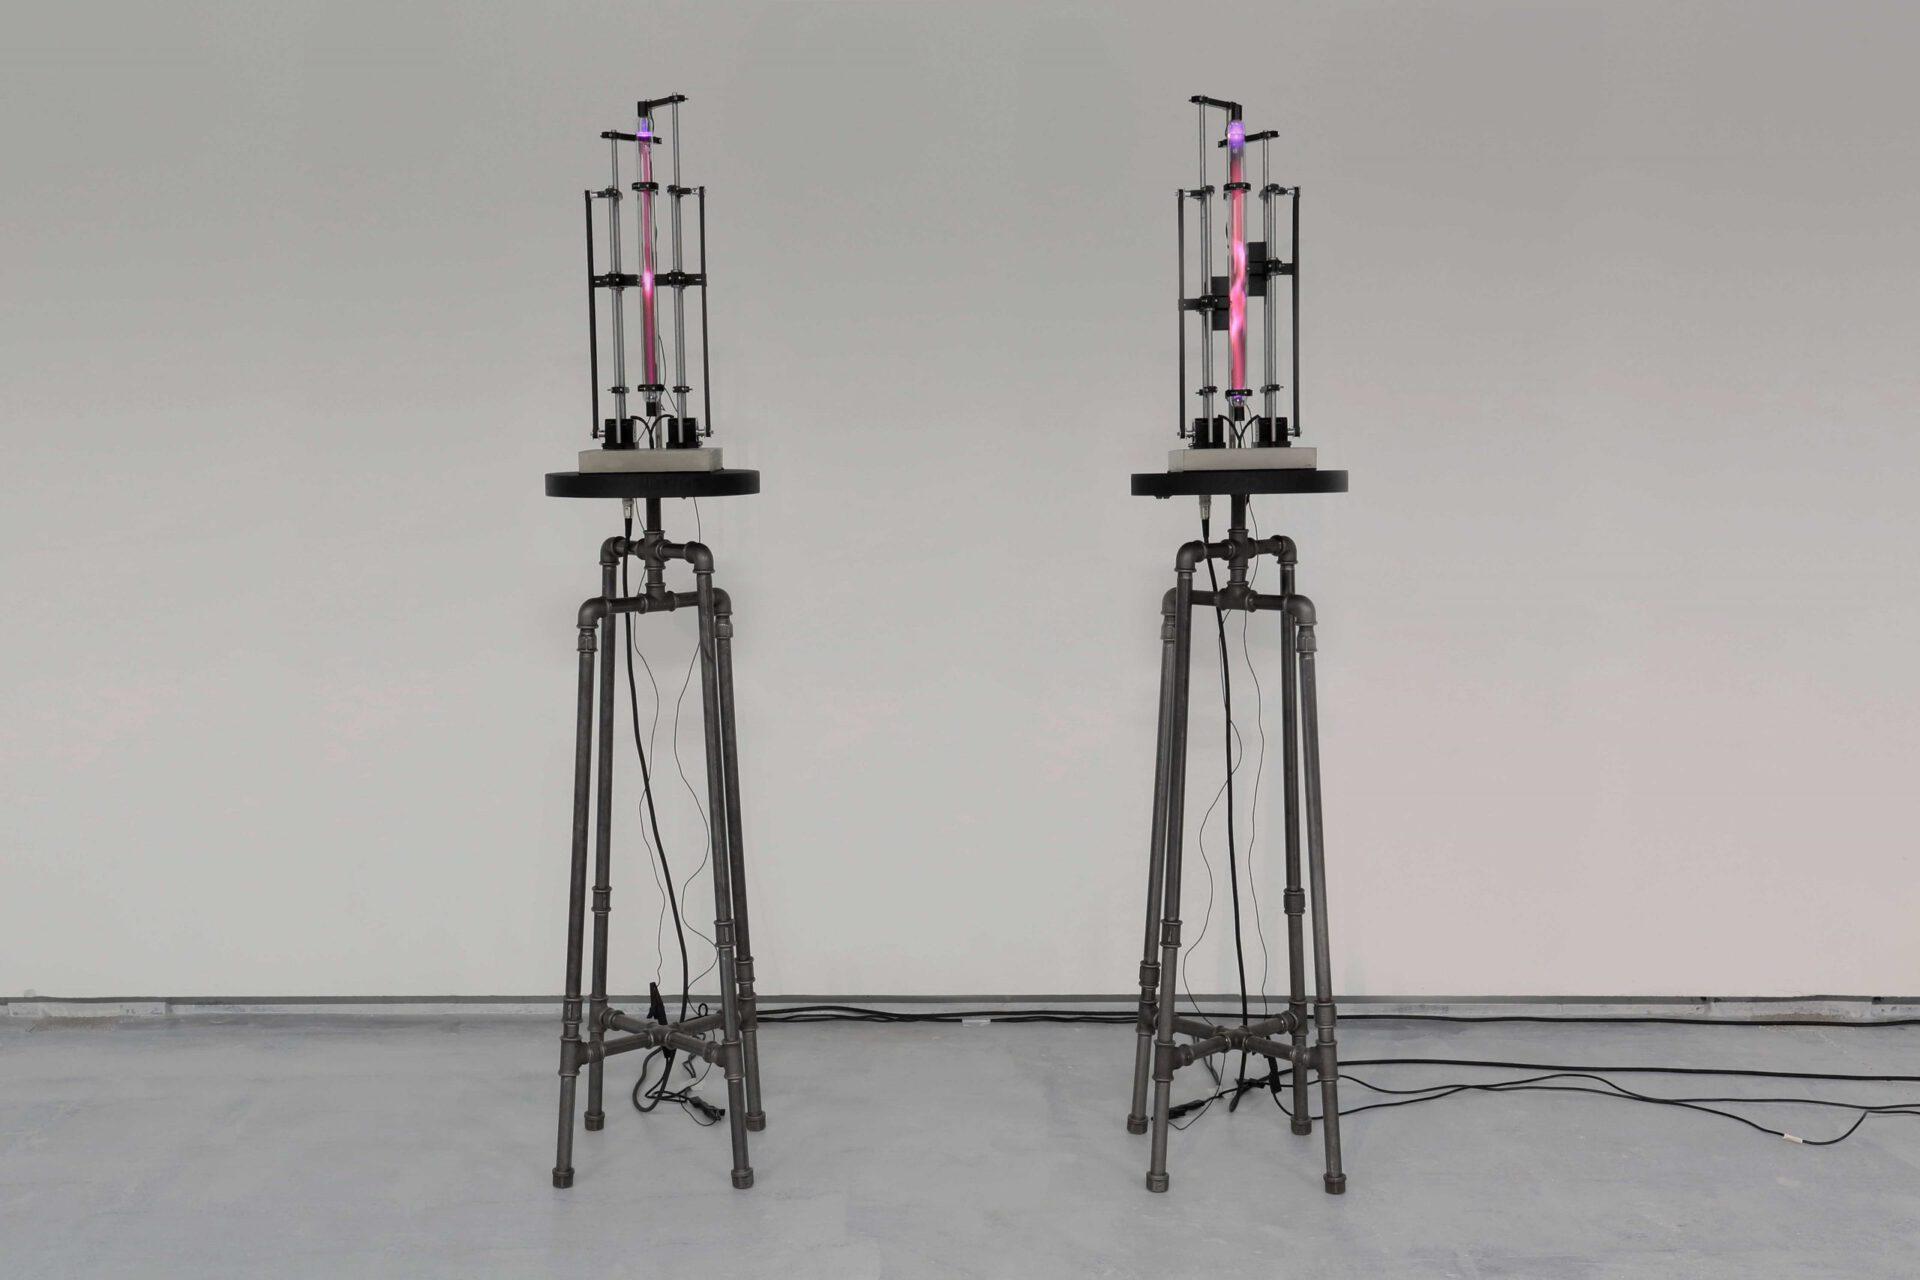 verena bachl phantom ballet light art installation